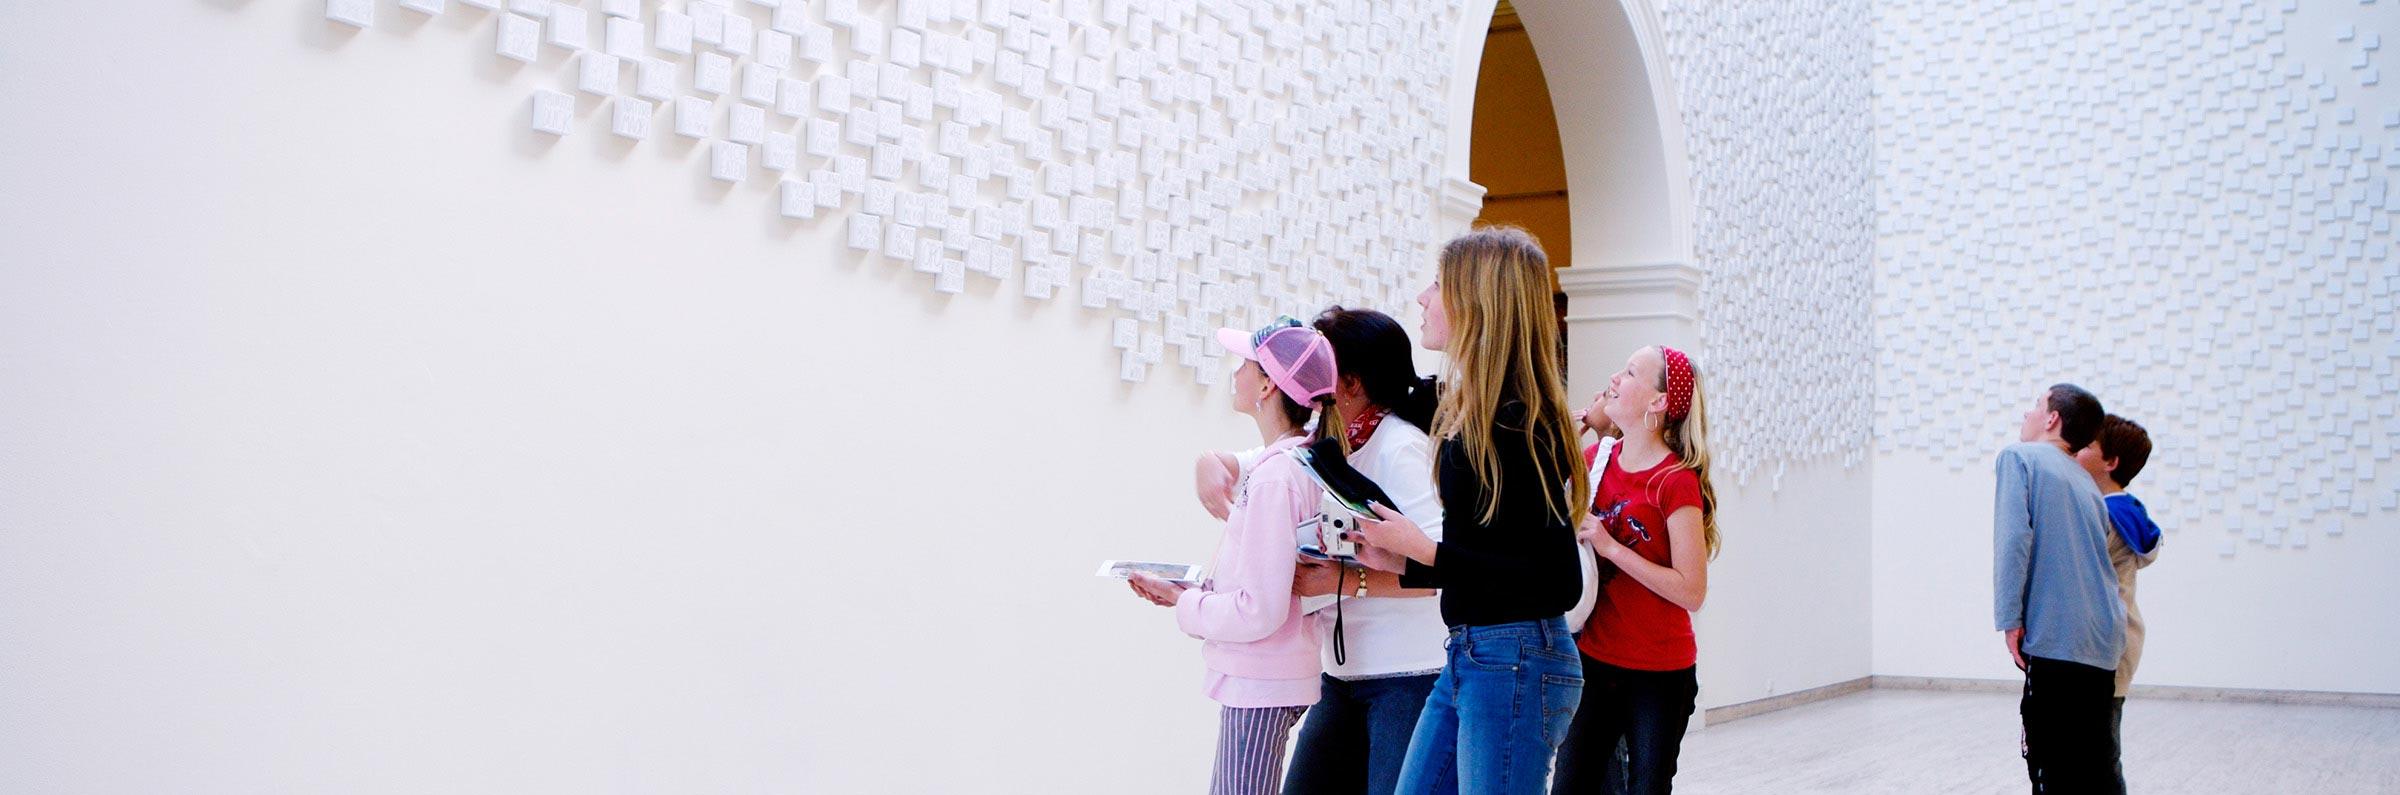 Arte y cultura in Sdney